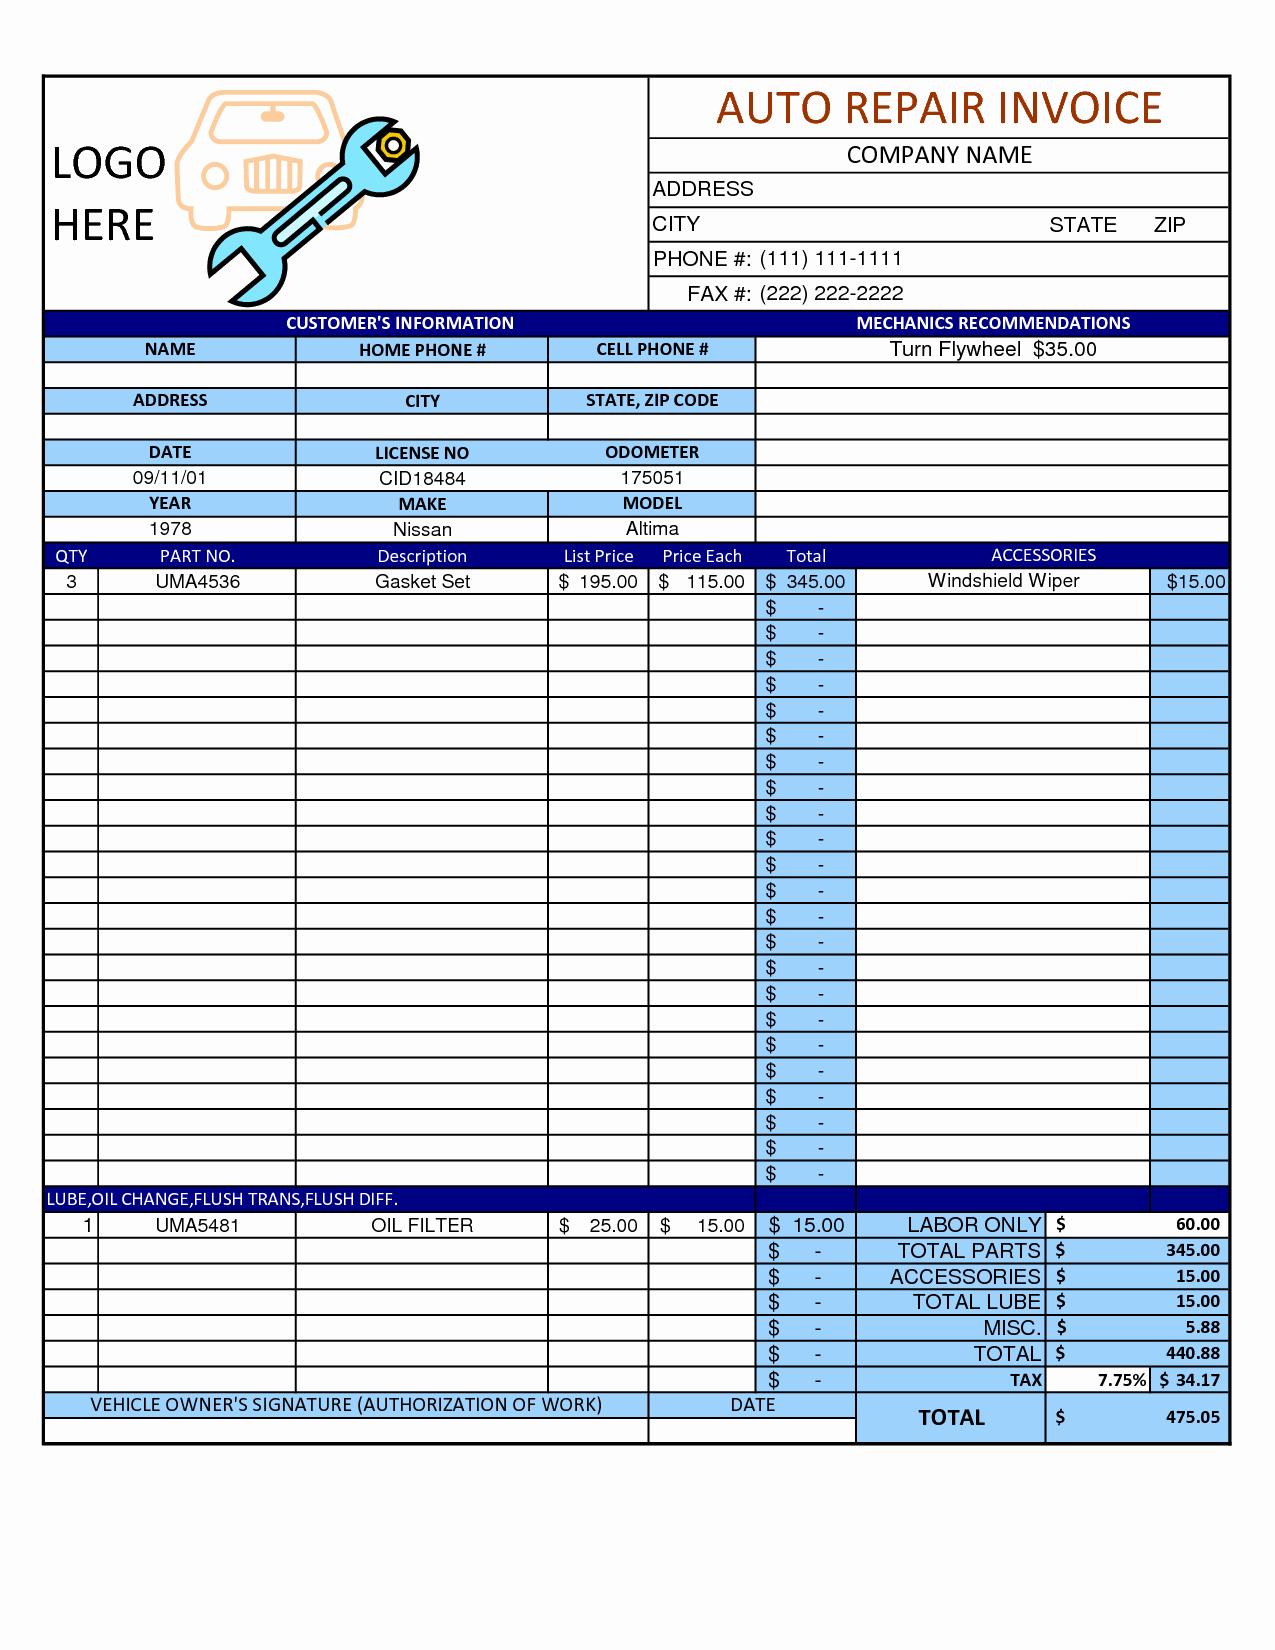 Auto Repair Invoice Template Word